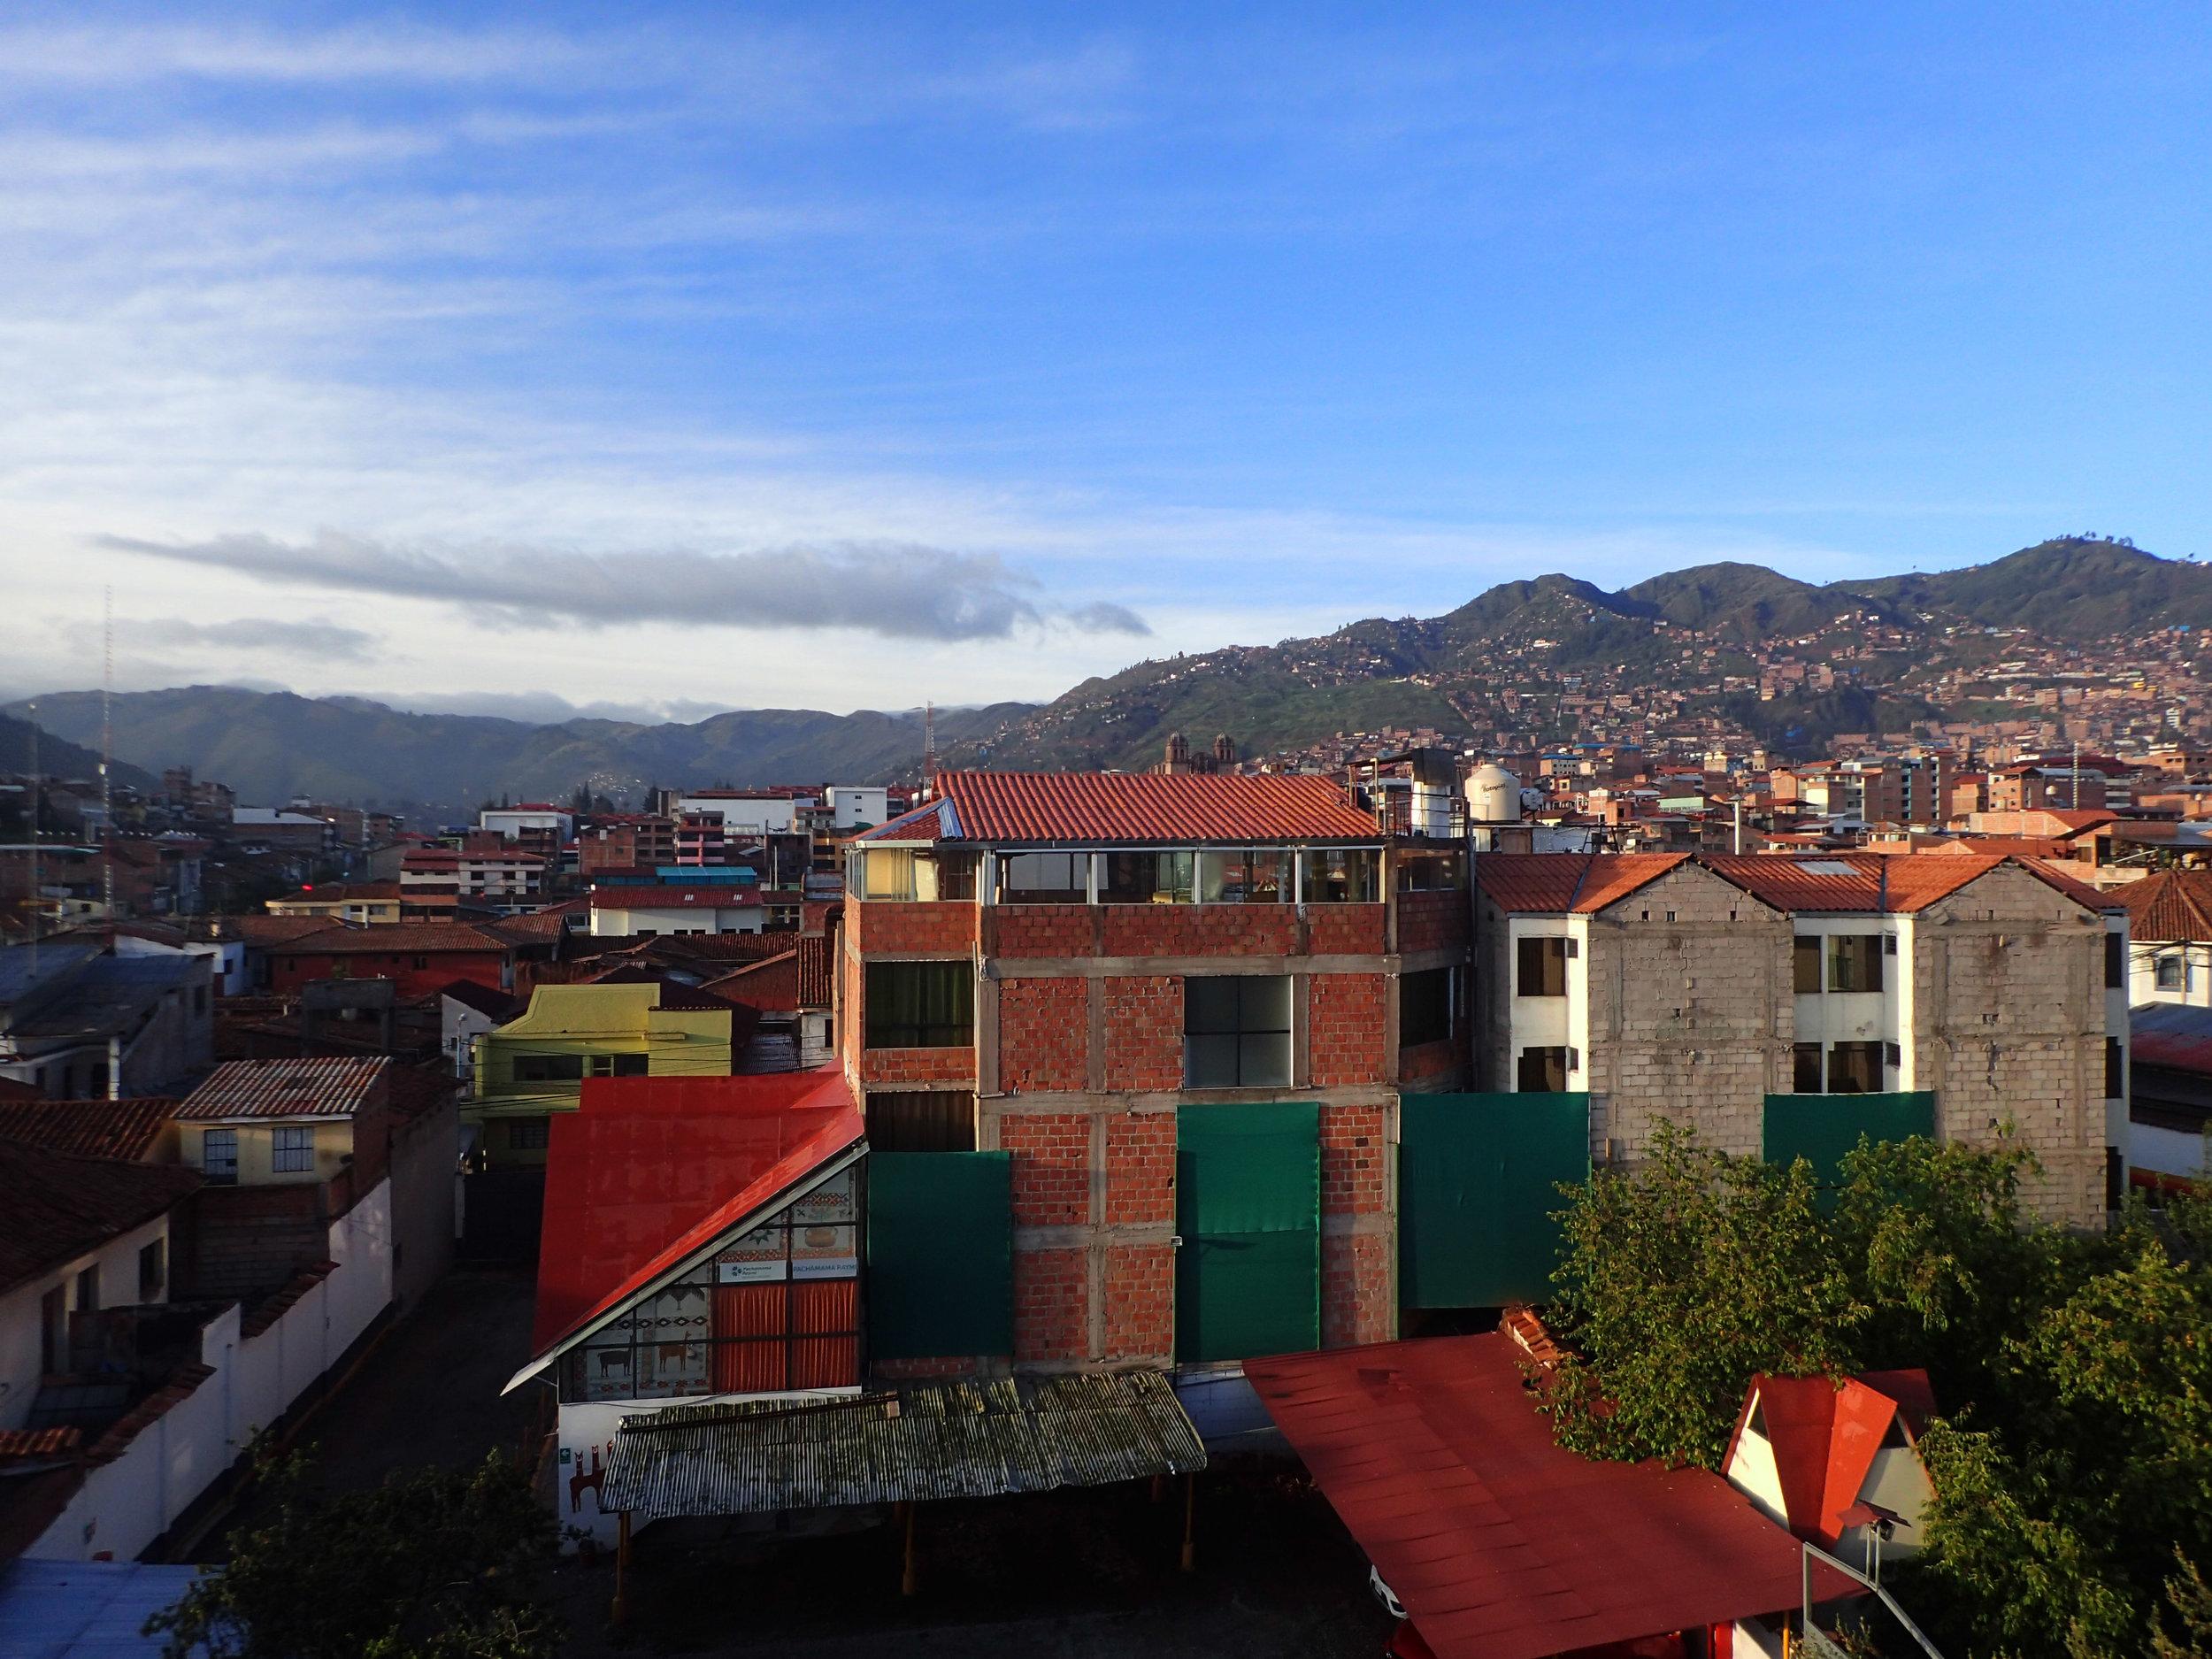 dusk at Cuzco.jpg